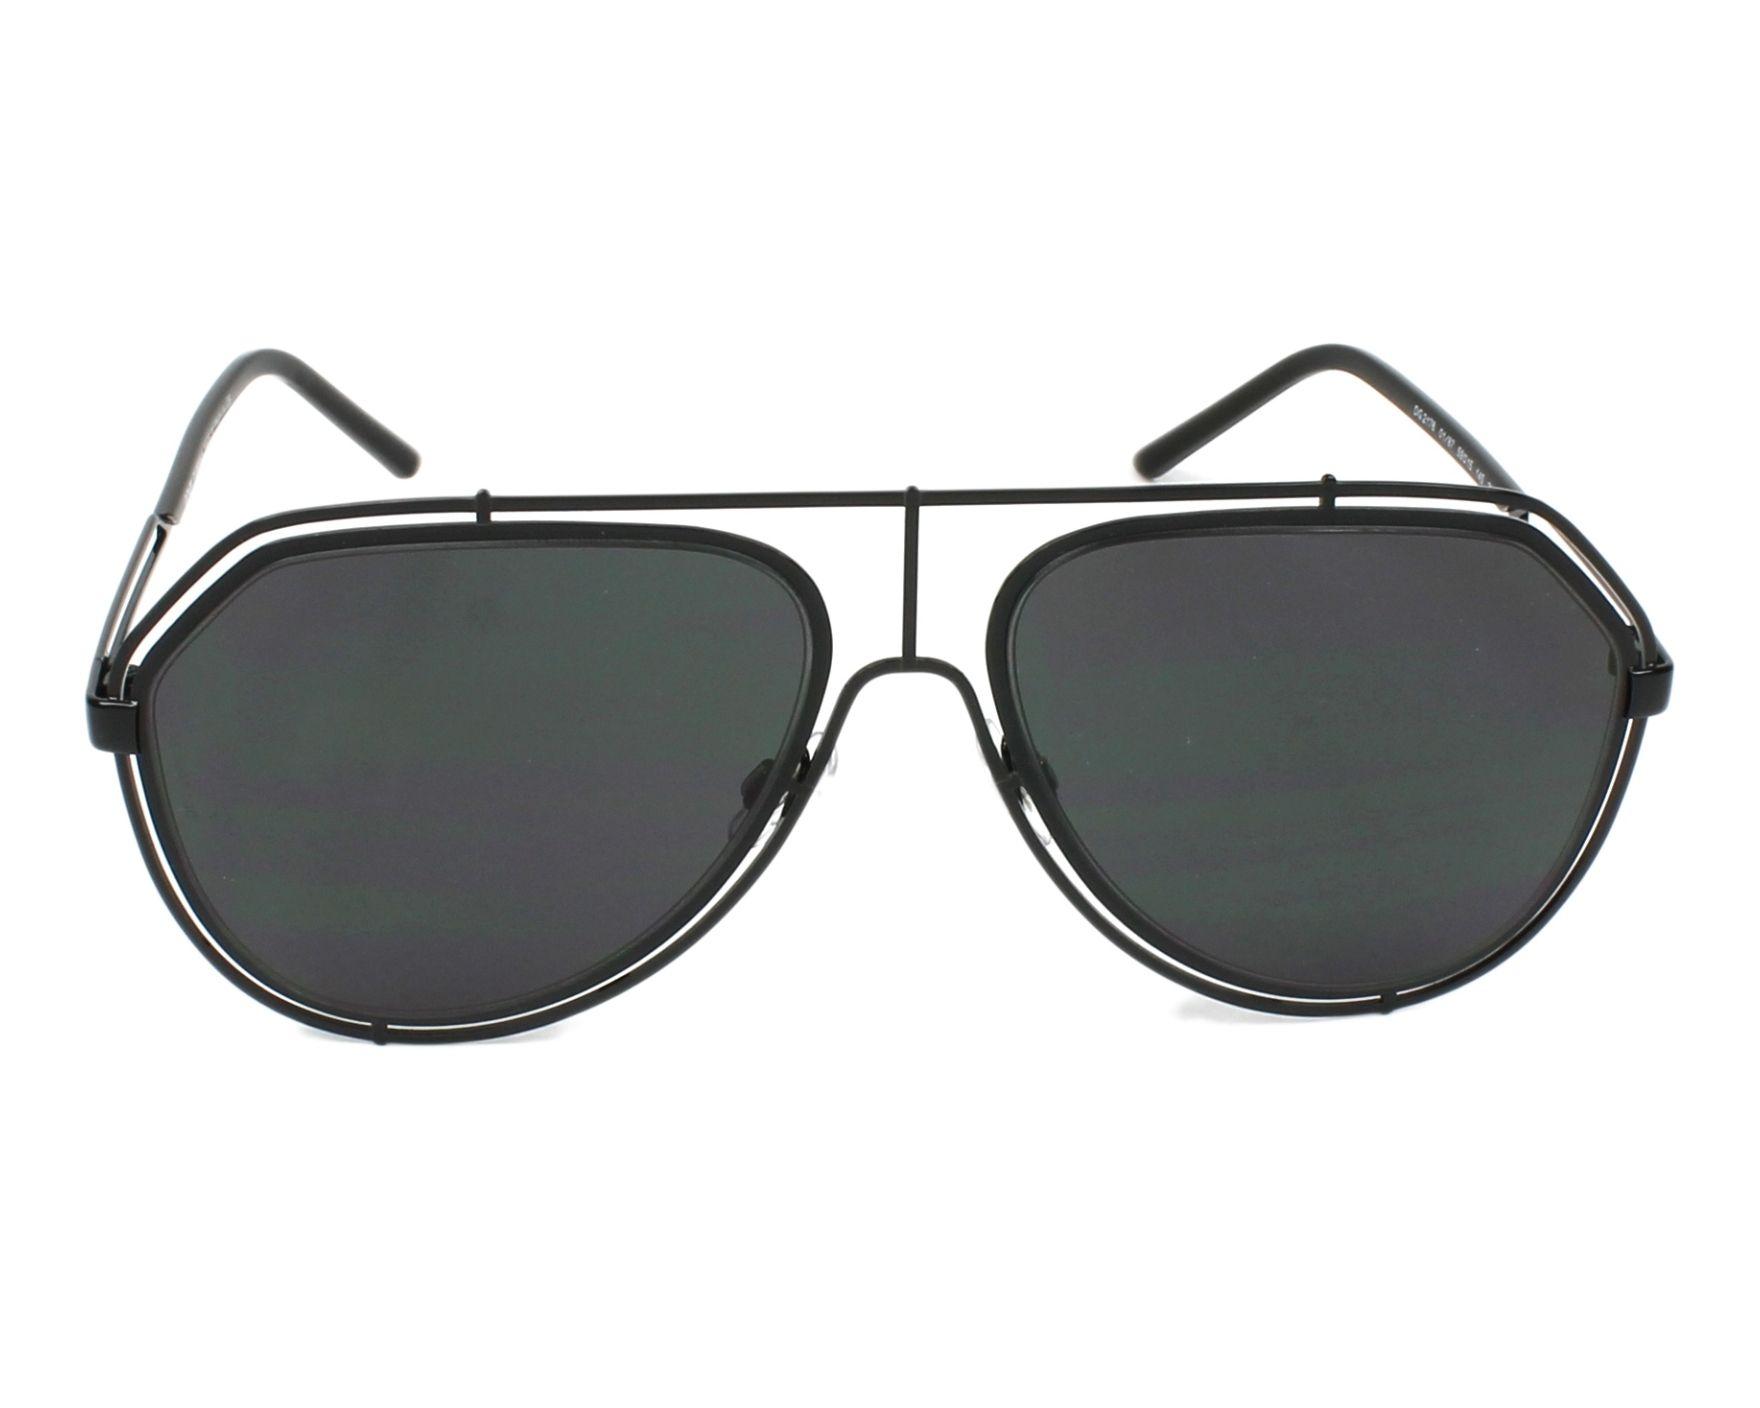 3e0af0d7dd0 Sunglasses Dolce   Gabbana DG-2176 01 87 59-15 Black front view